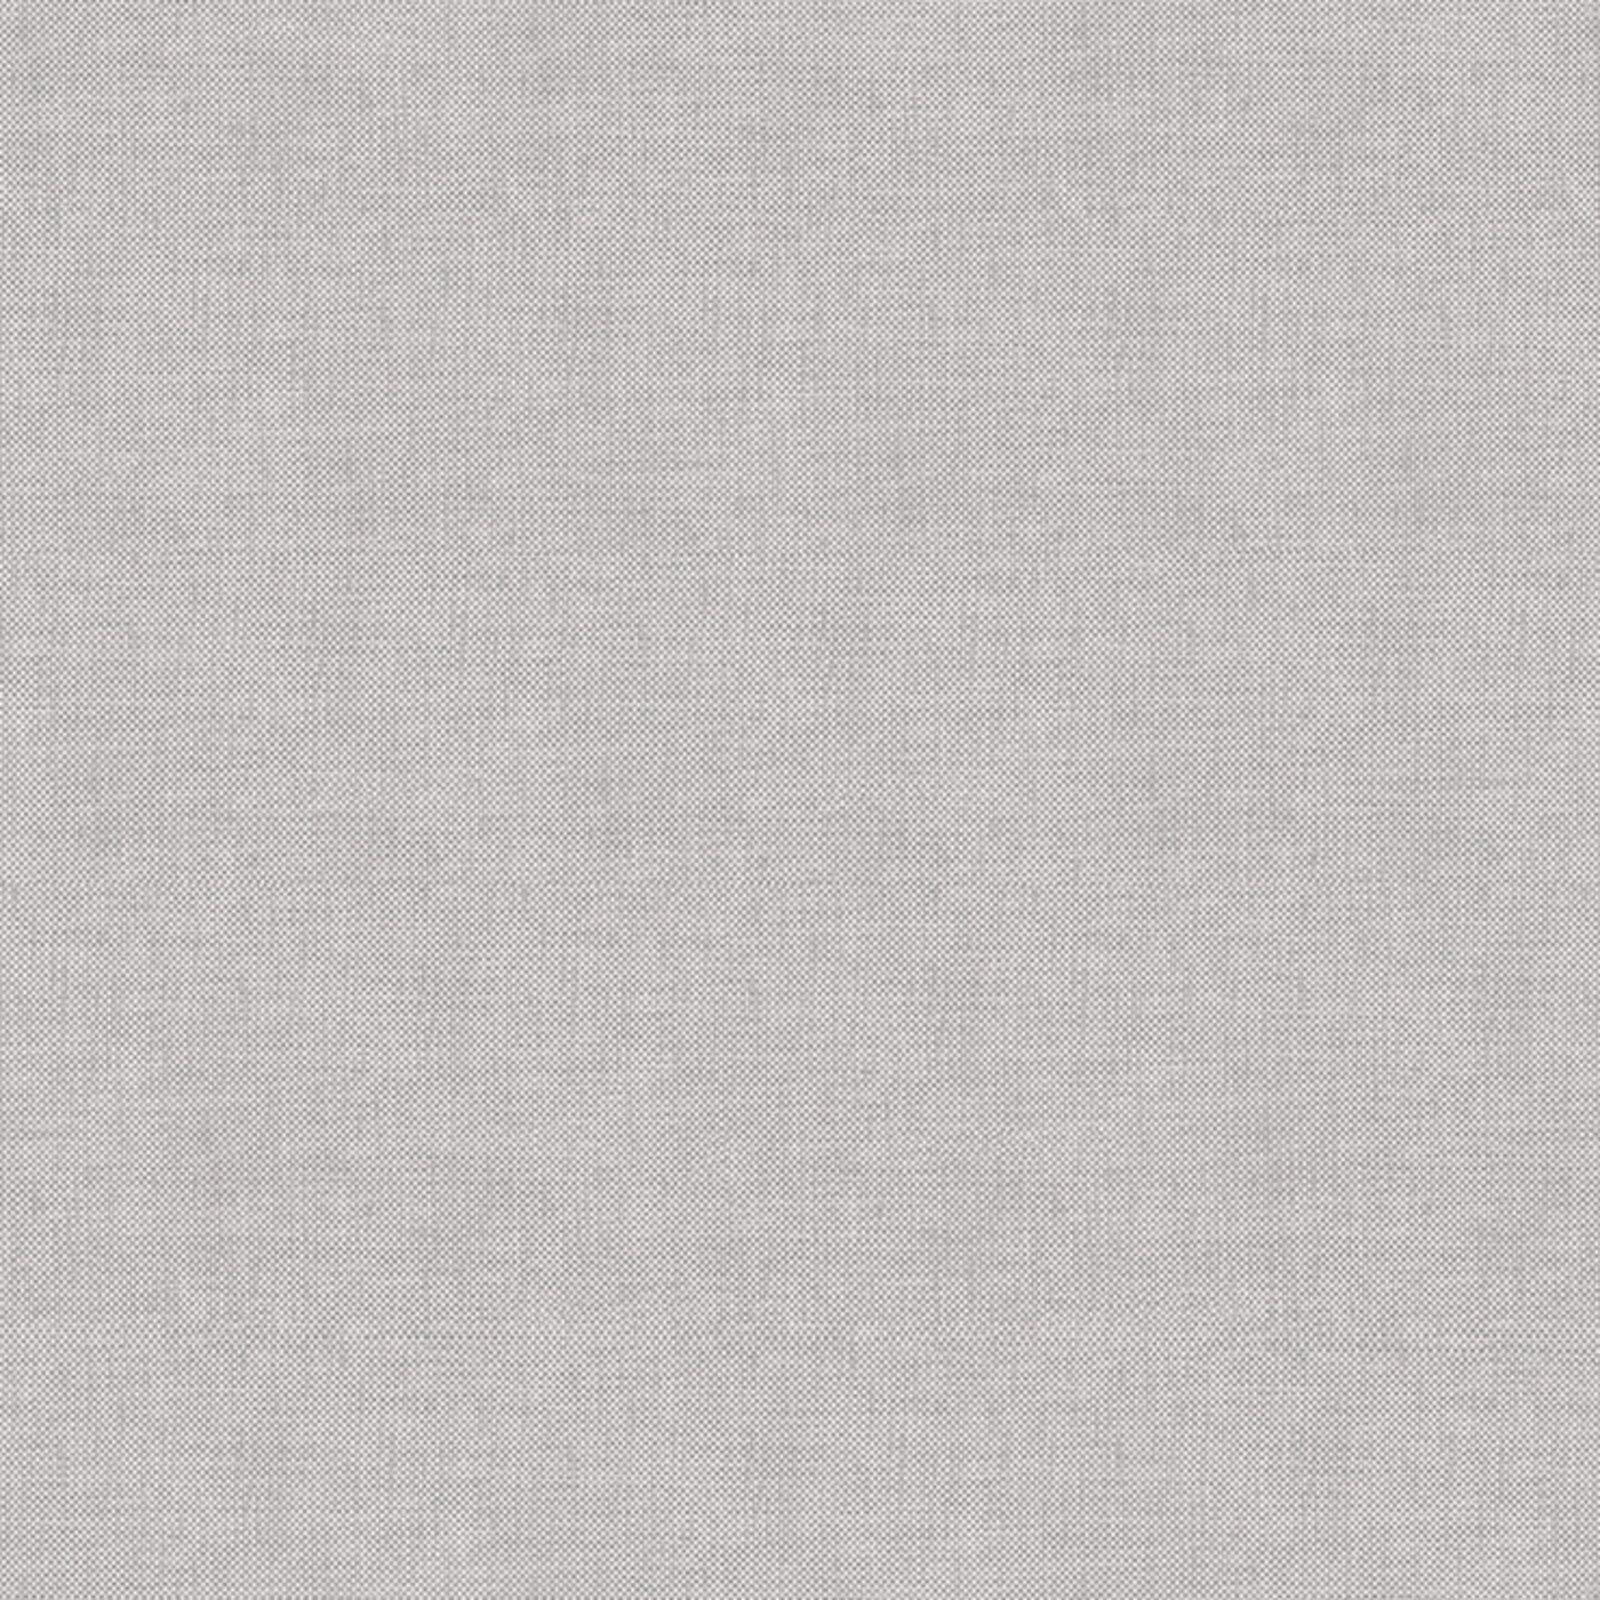 Papel de Parede Lyam Decor Liso Cinza